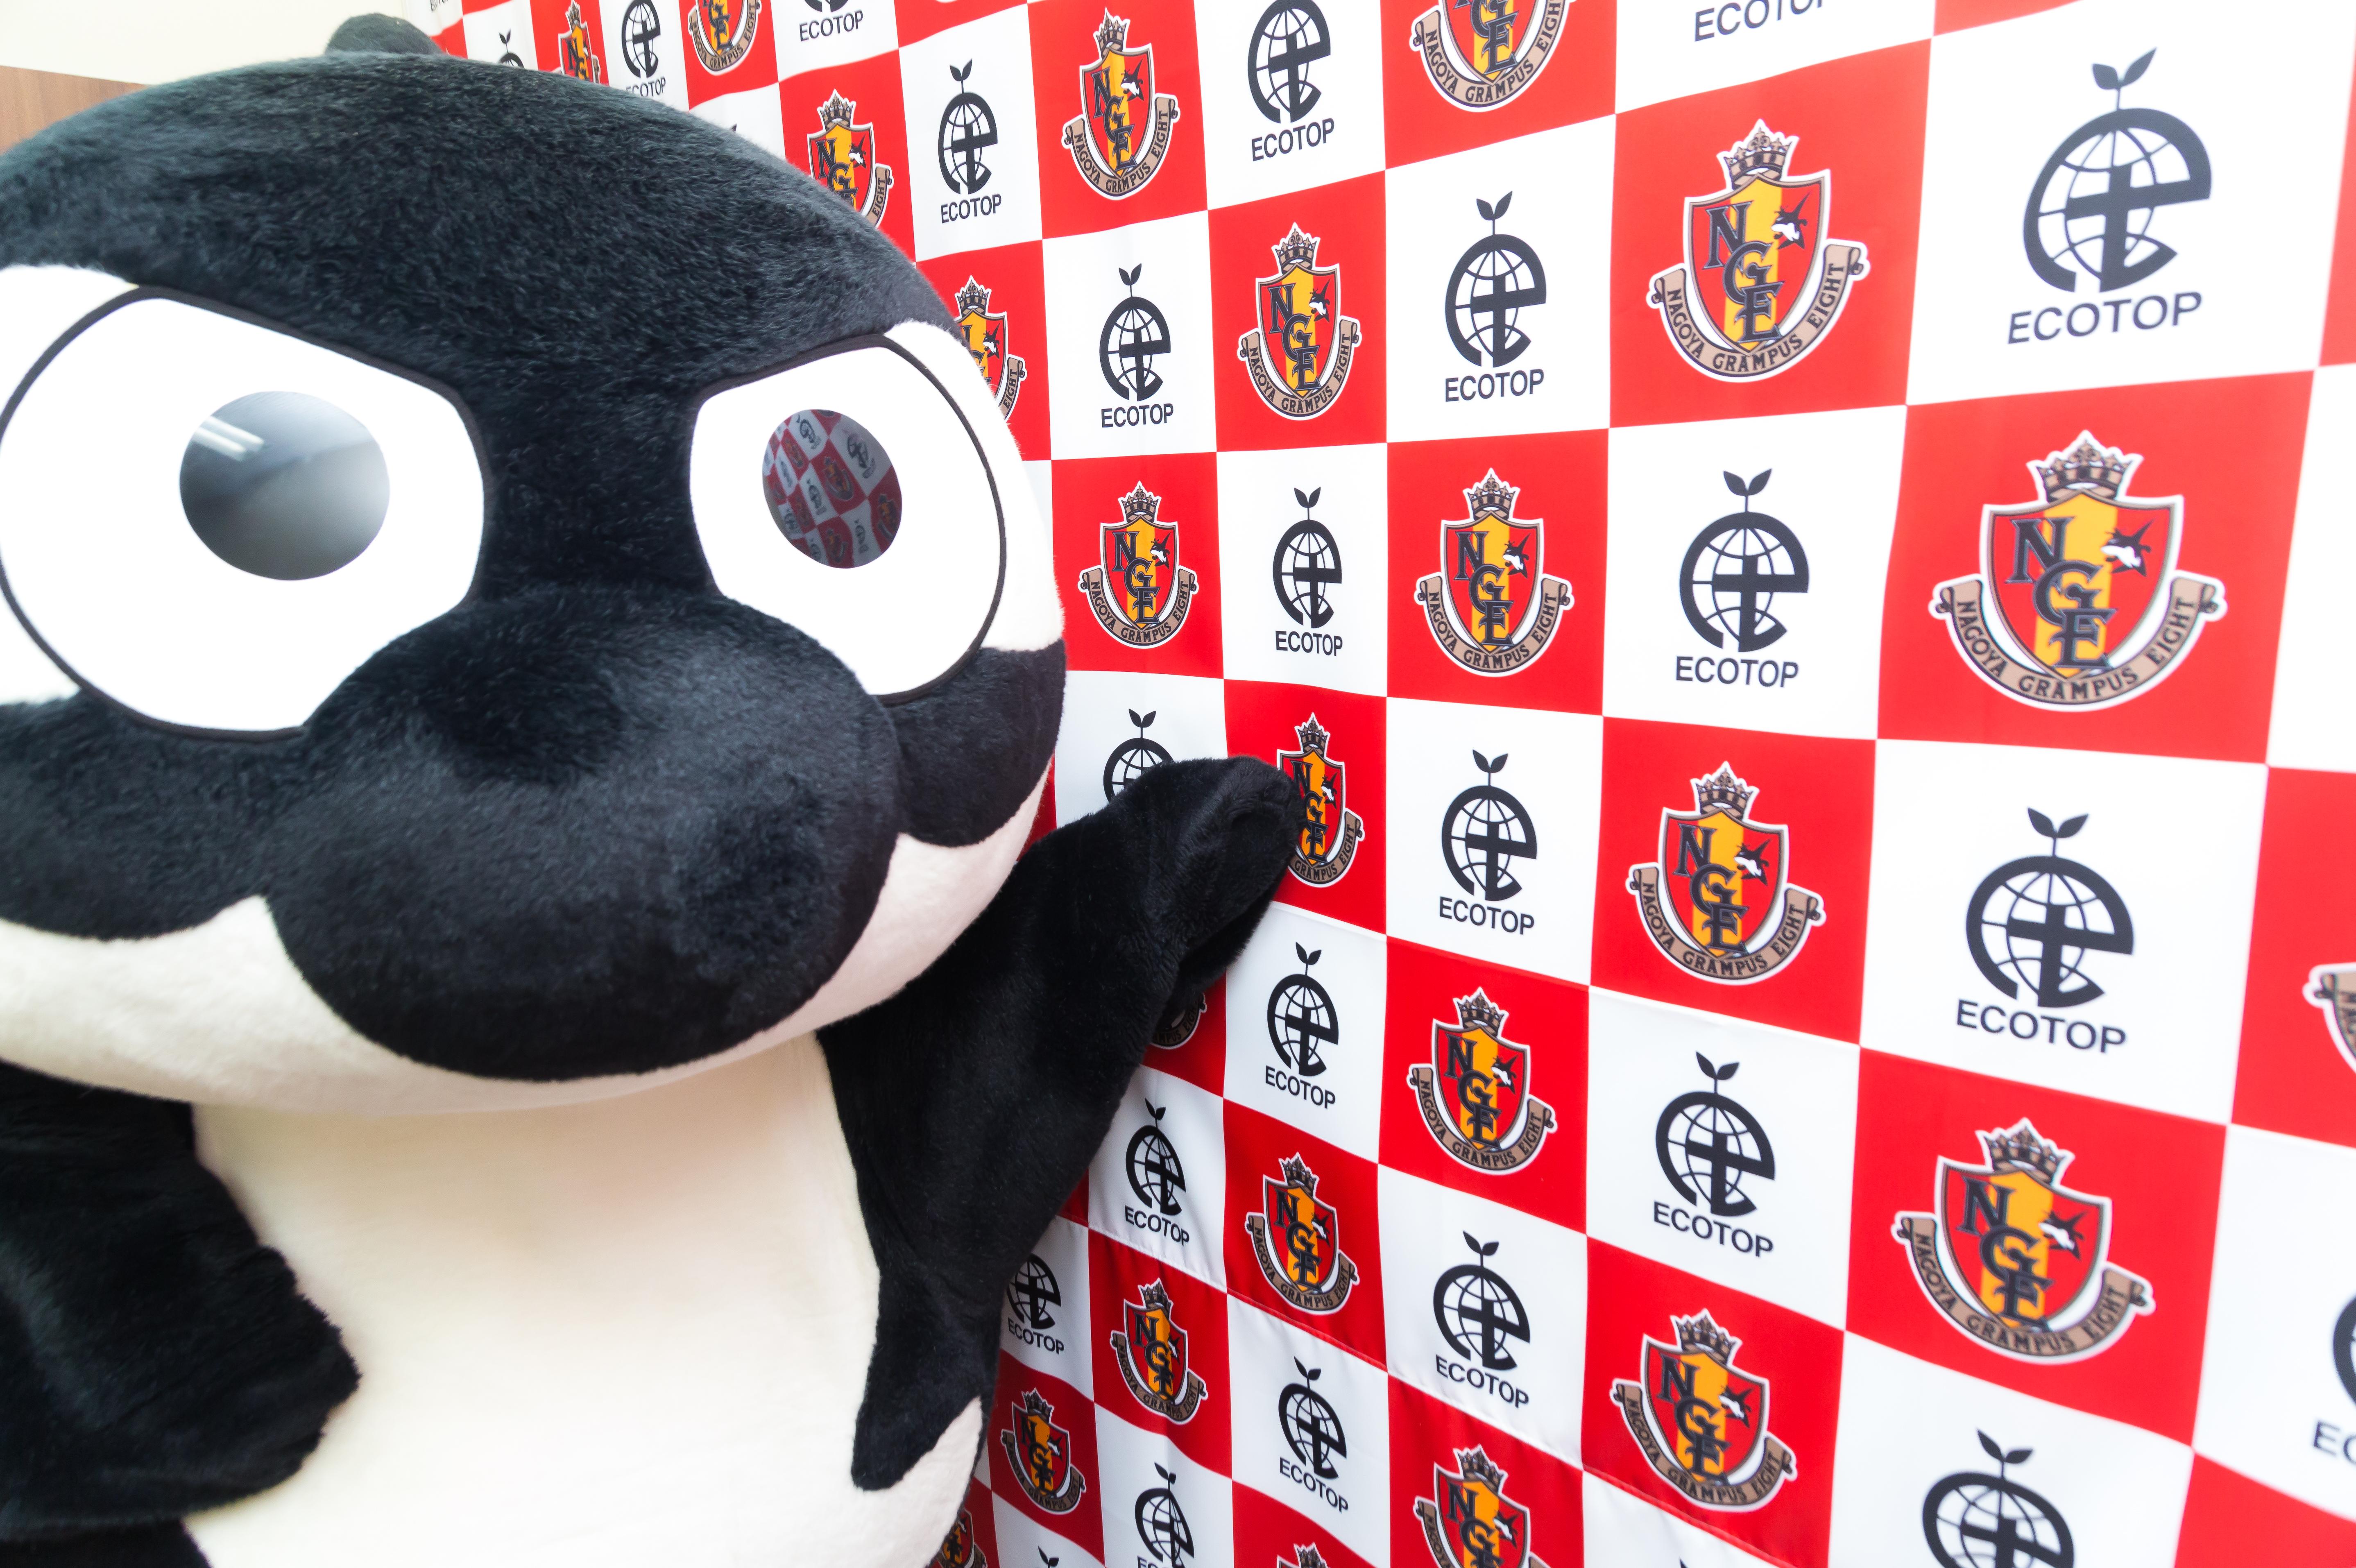 グランパス君&グランパコちゃん 株式会社エコトップ様【photo】